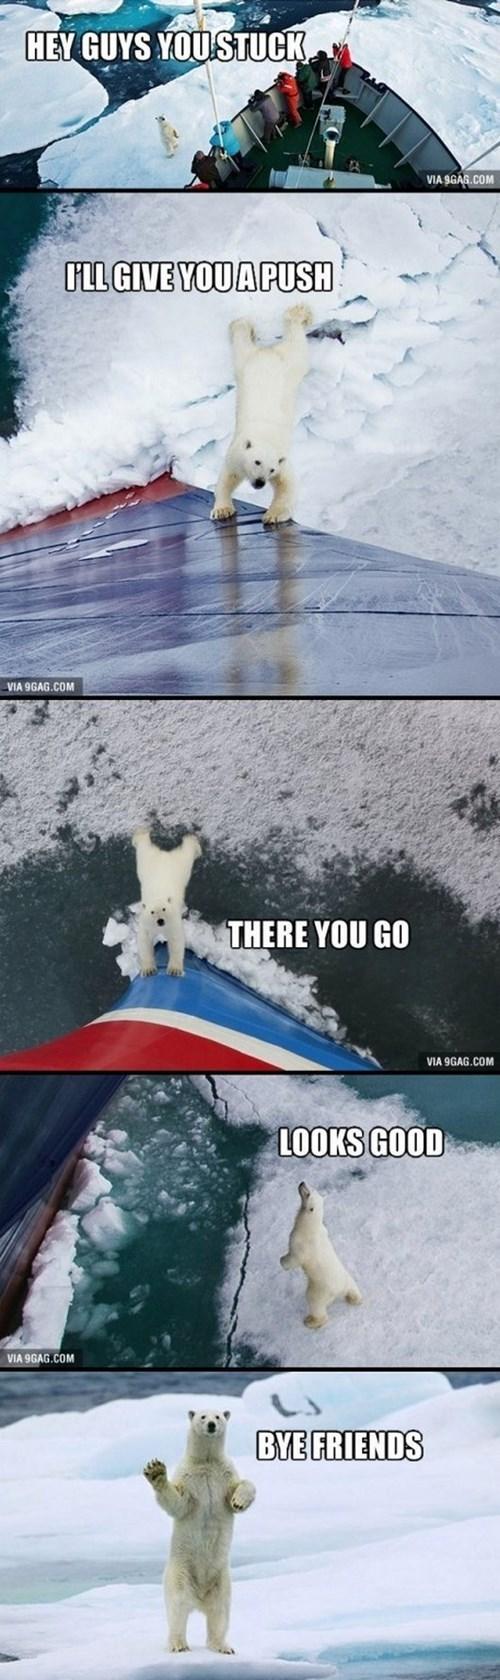 polar bears help ice friendly ship - 7856337920